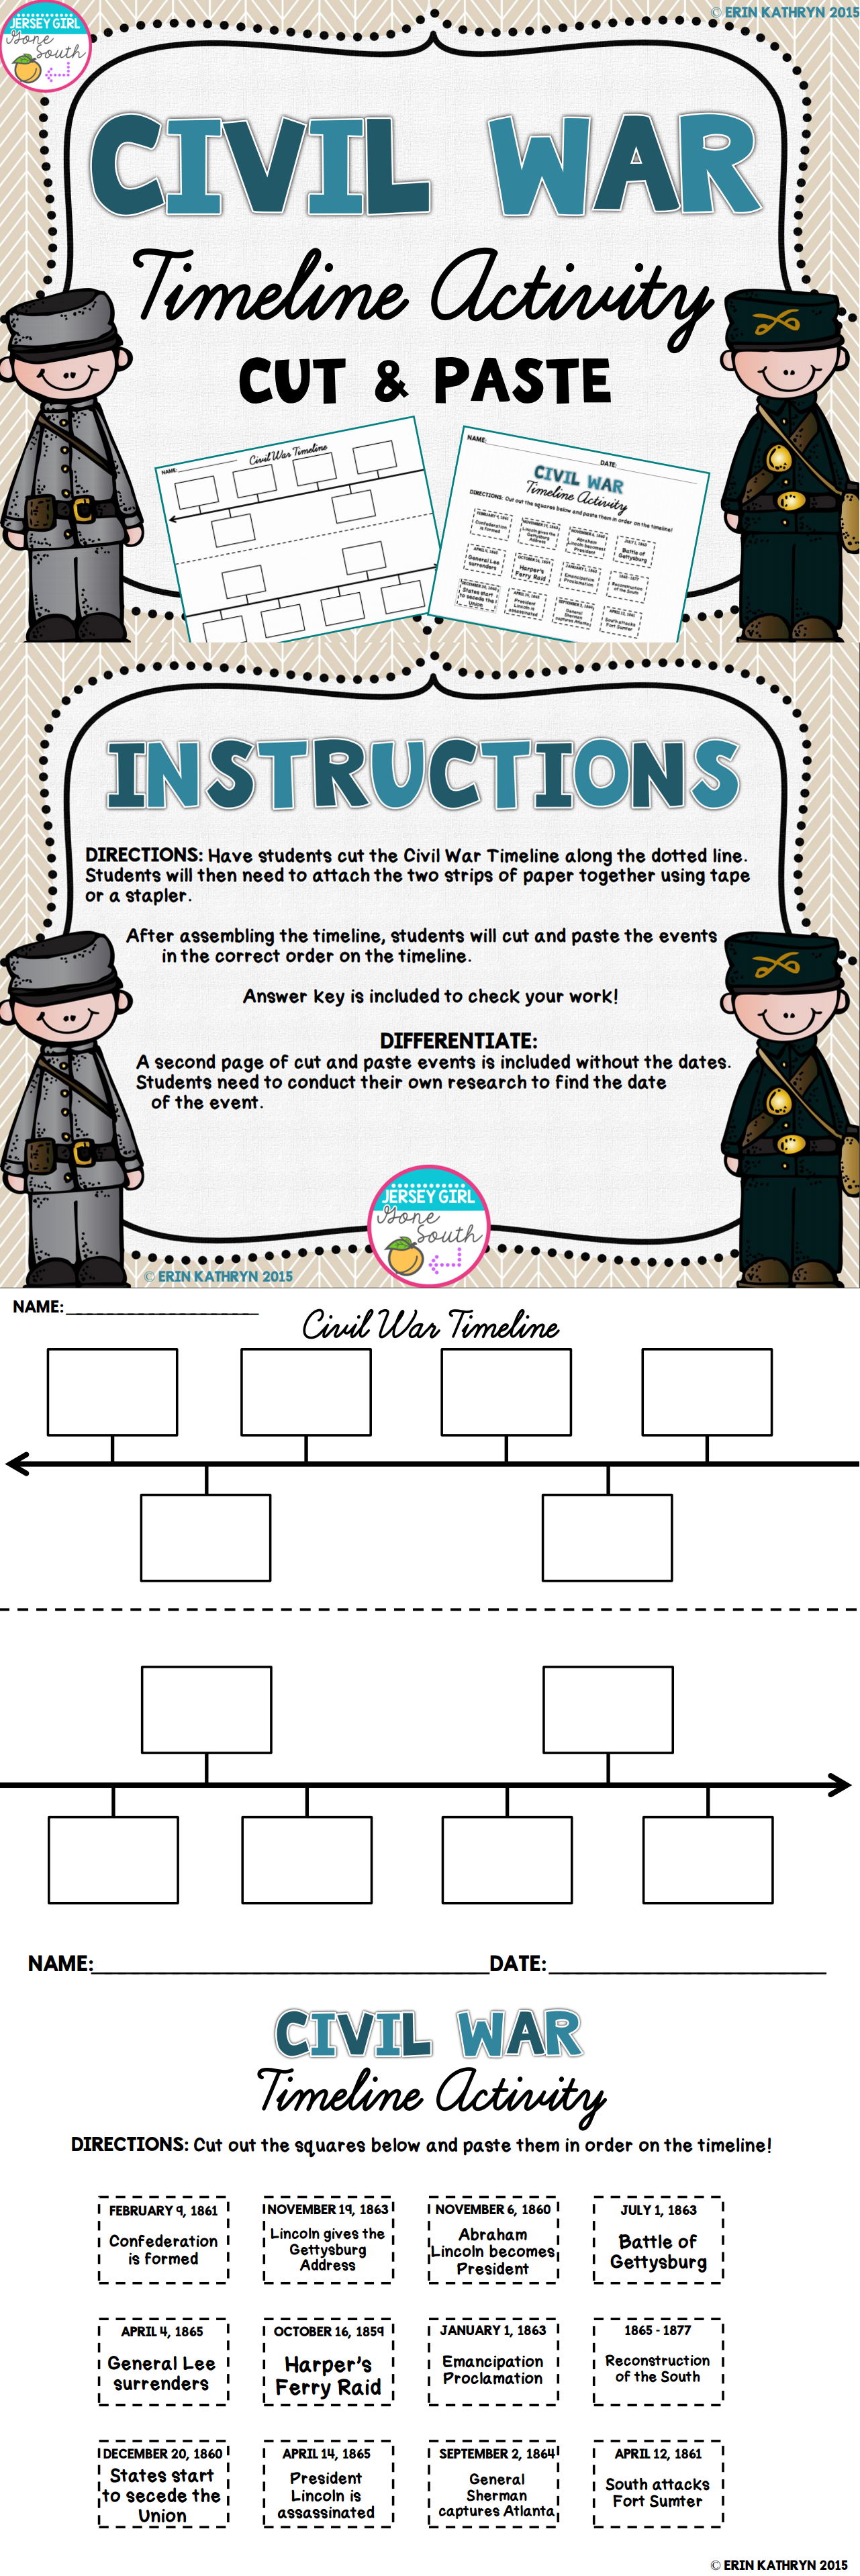 worksheet Civil War Timeline Worksheet civil war timeline activity activities and social activity